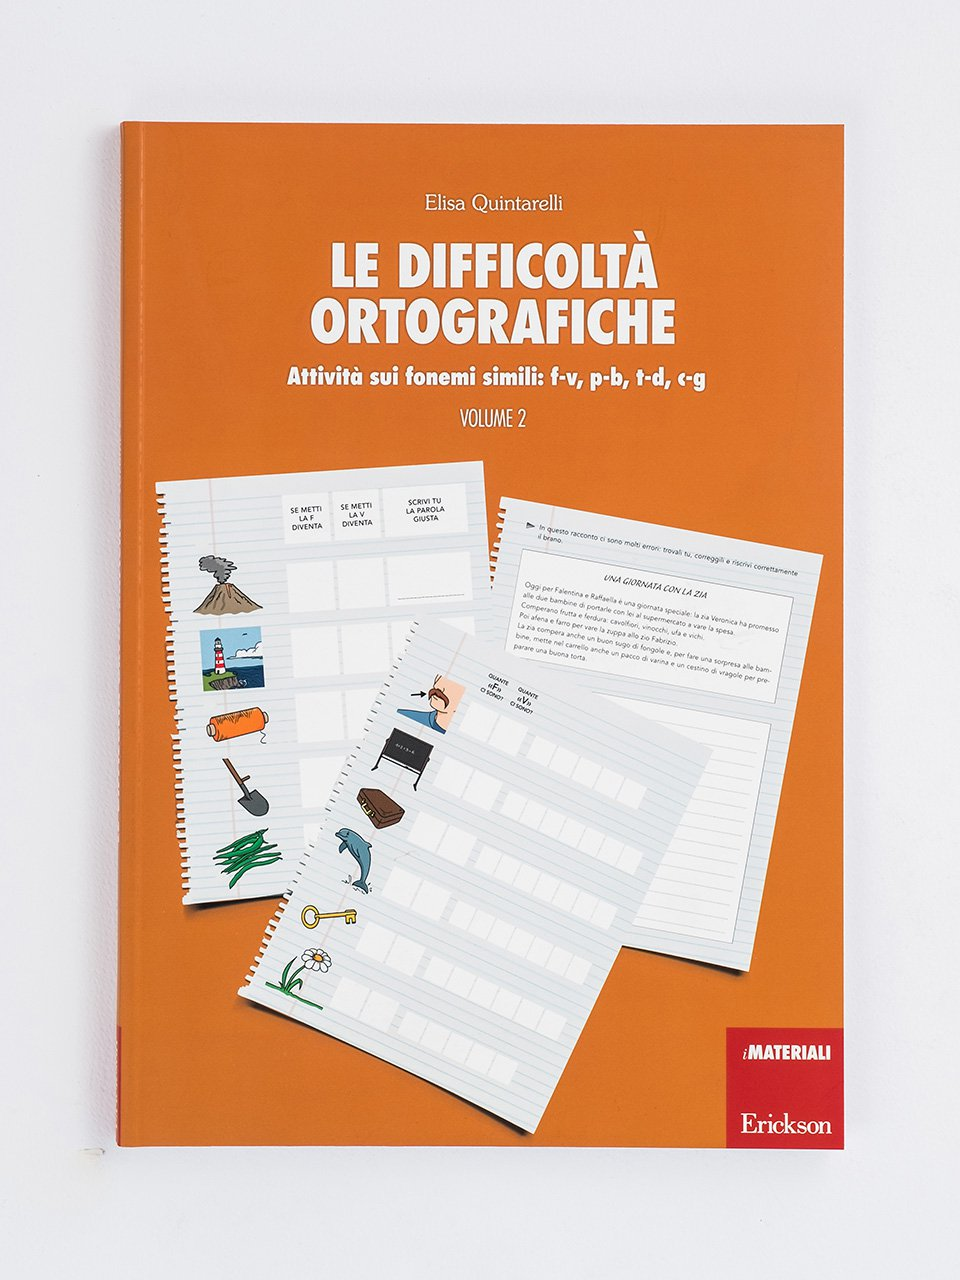 Le difficoltà ortografiche - Volume 2 - Prove di lettura e scrittura MT-16-19 - Libri - Erickson 3